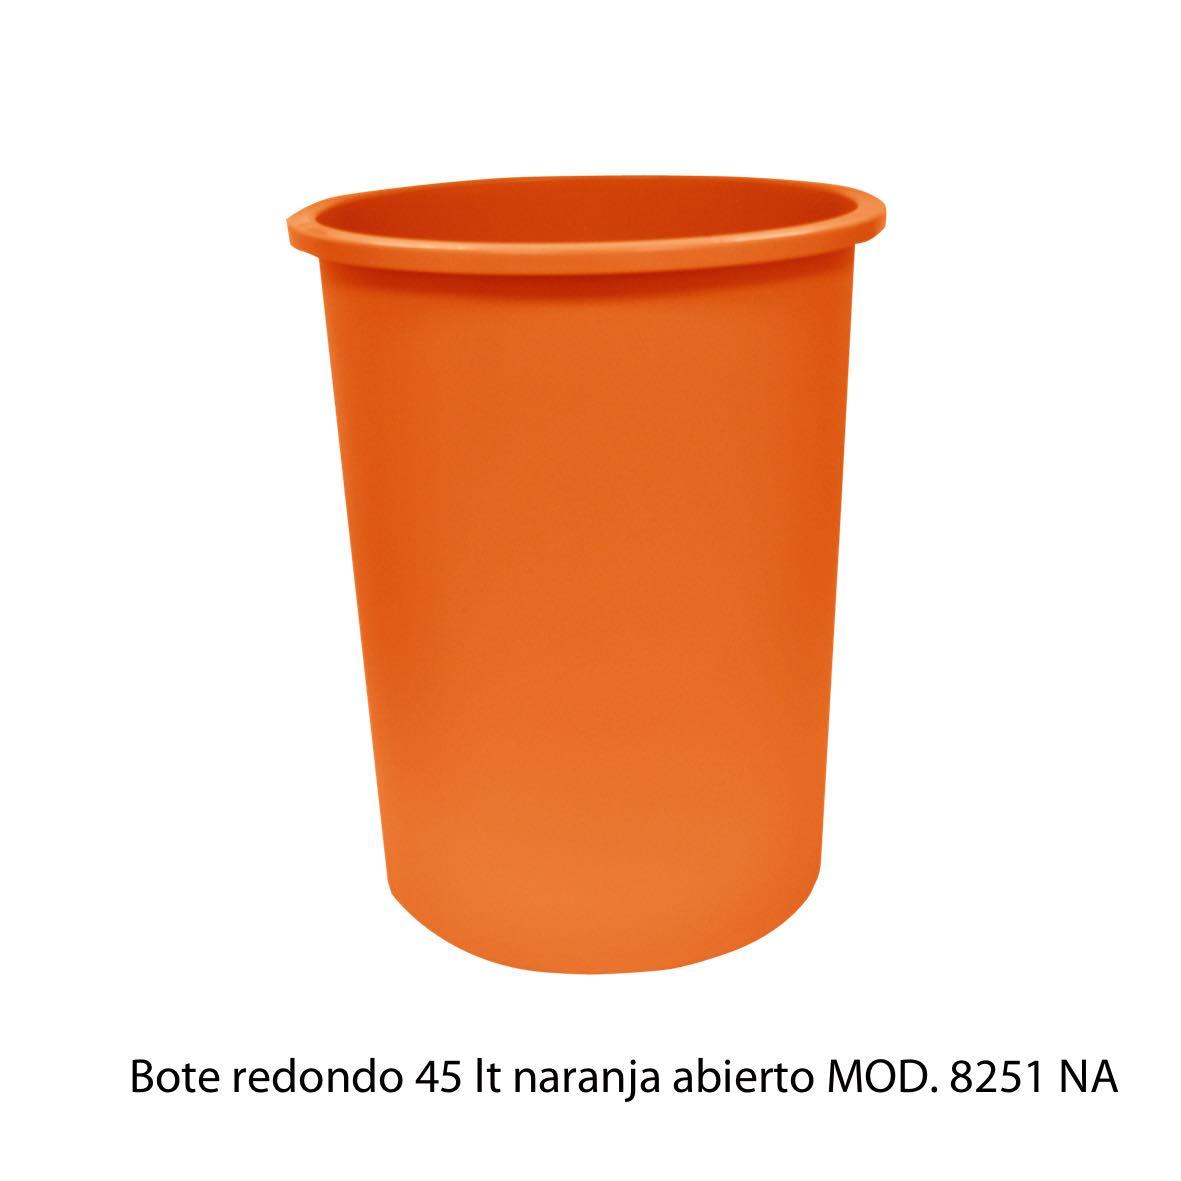 Bote de basura redondo de 45 litros sin tapa color naranja modelo 8251 NA Sablón